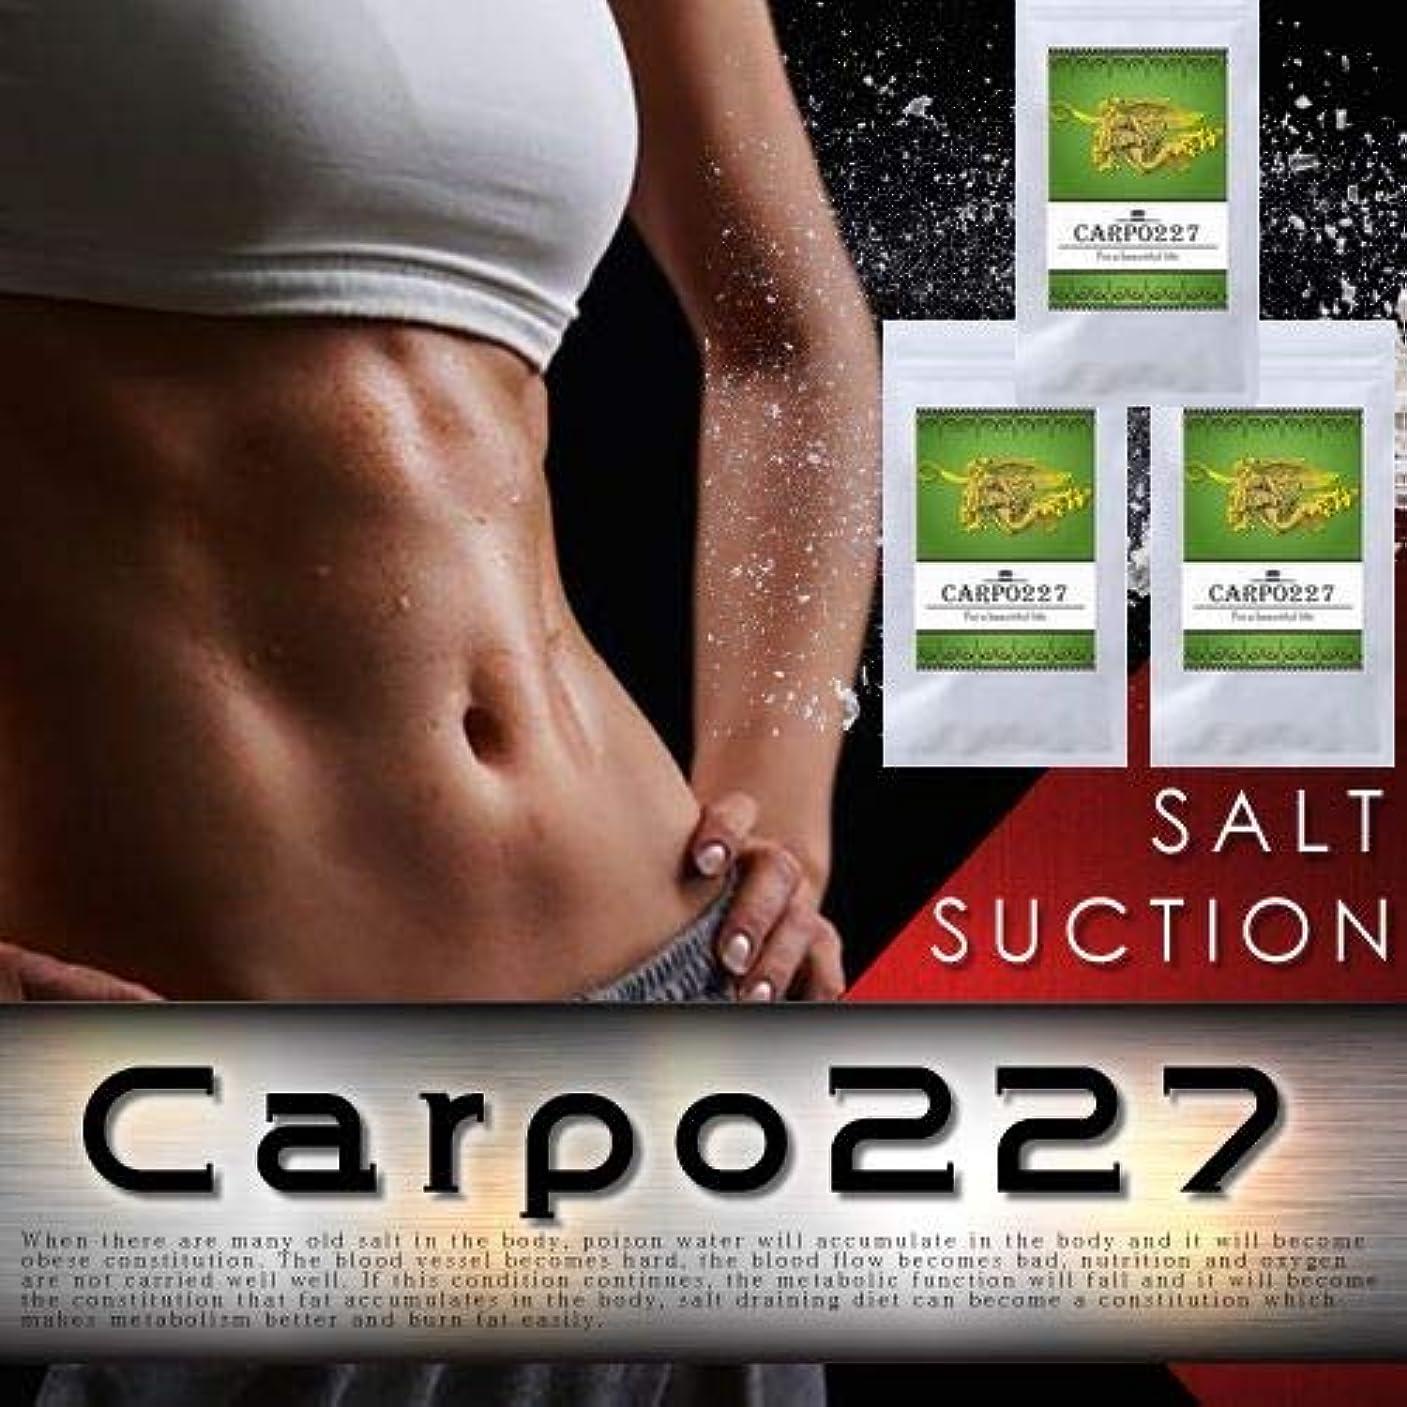 言い直す若者出席する【3個セット】Carpo227(カルポ227)